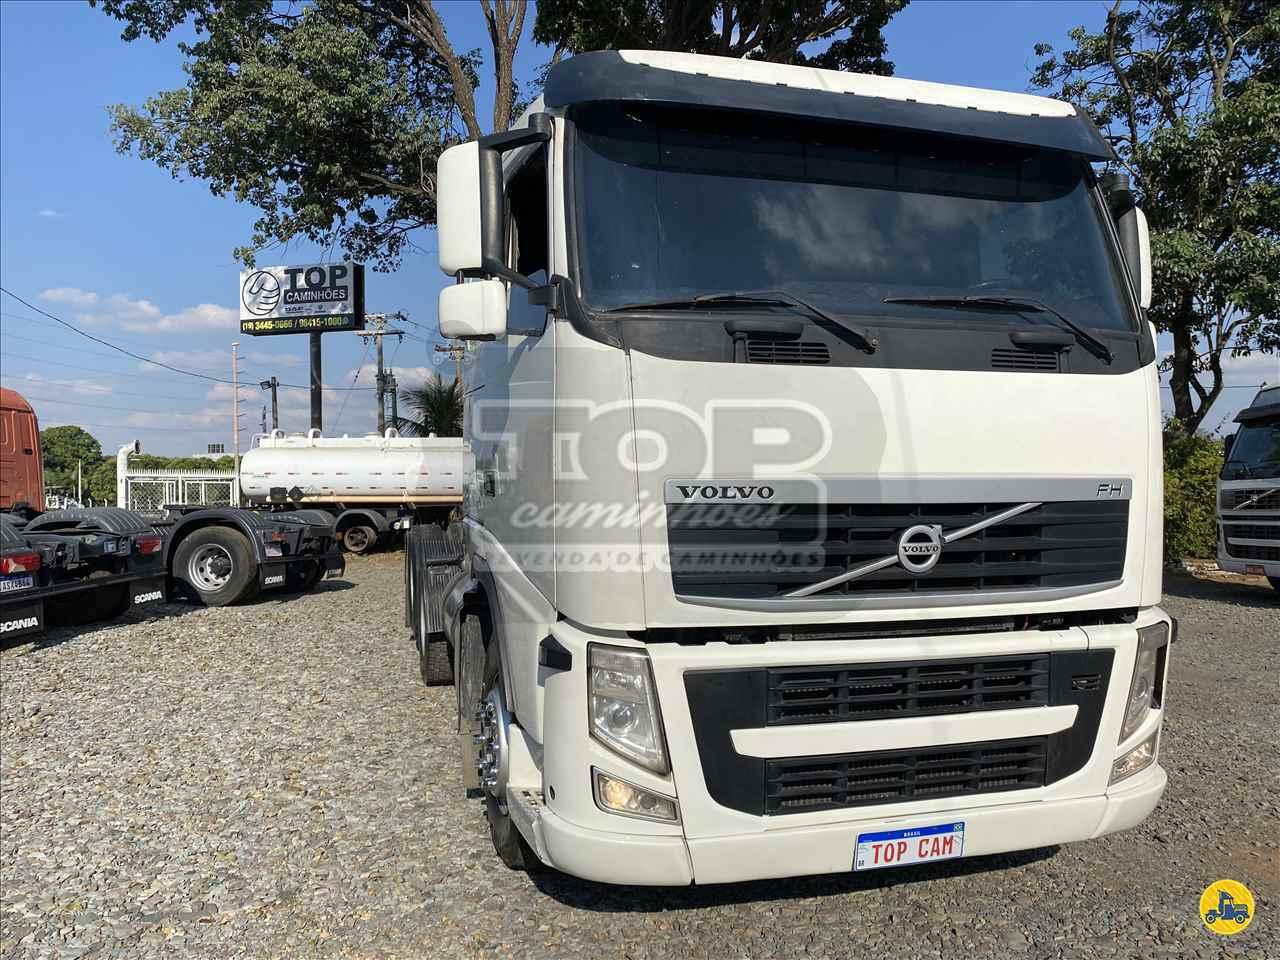 CAMINHAO VOLVO VOLVO FH 400 Cavalo Mecânico Truck 6x2 Top Caminhões SP  LIMEIRA SÃO PAULO SP